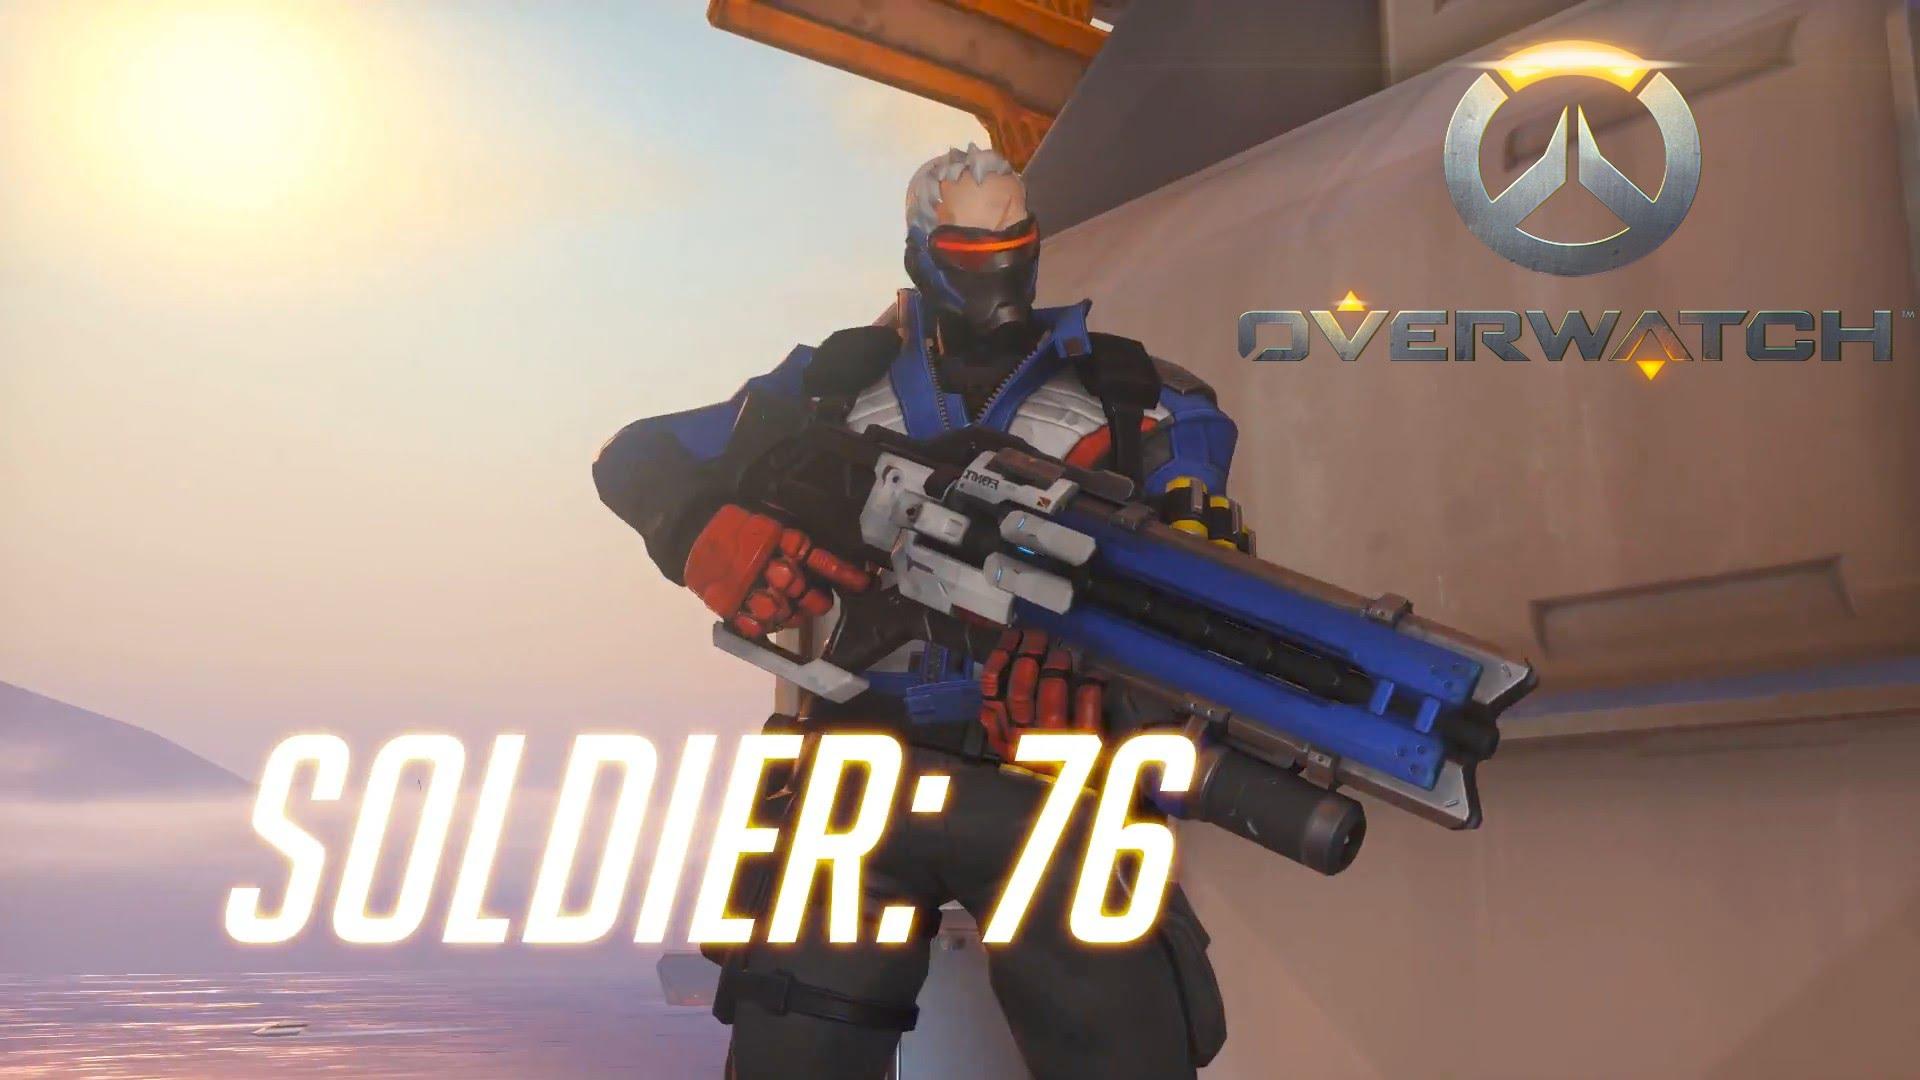 Overwatch : Soldier: 76 Widescreen for desktop